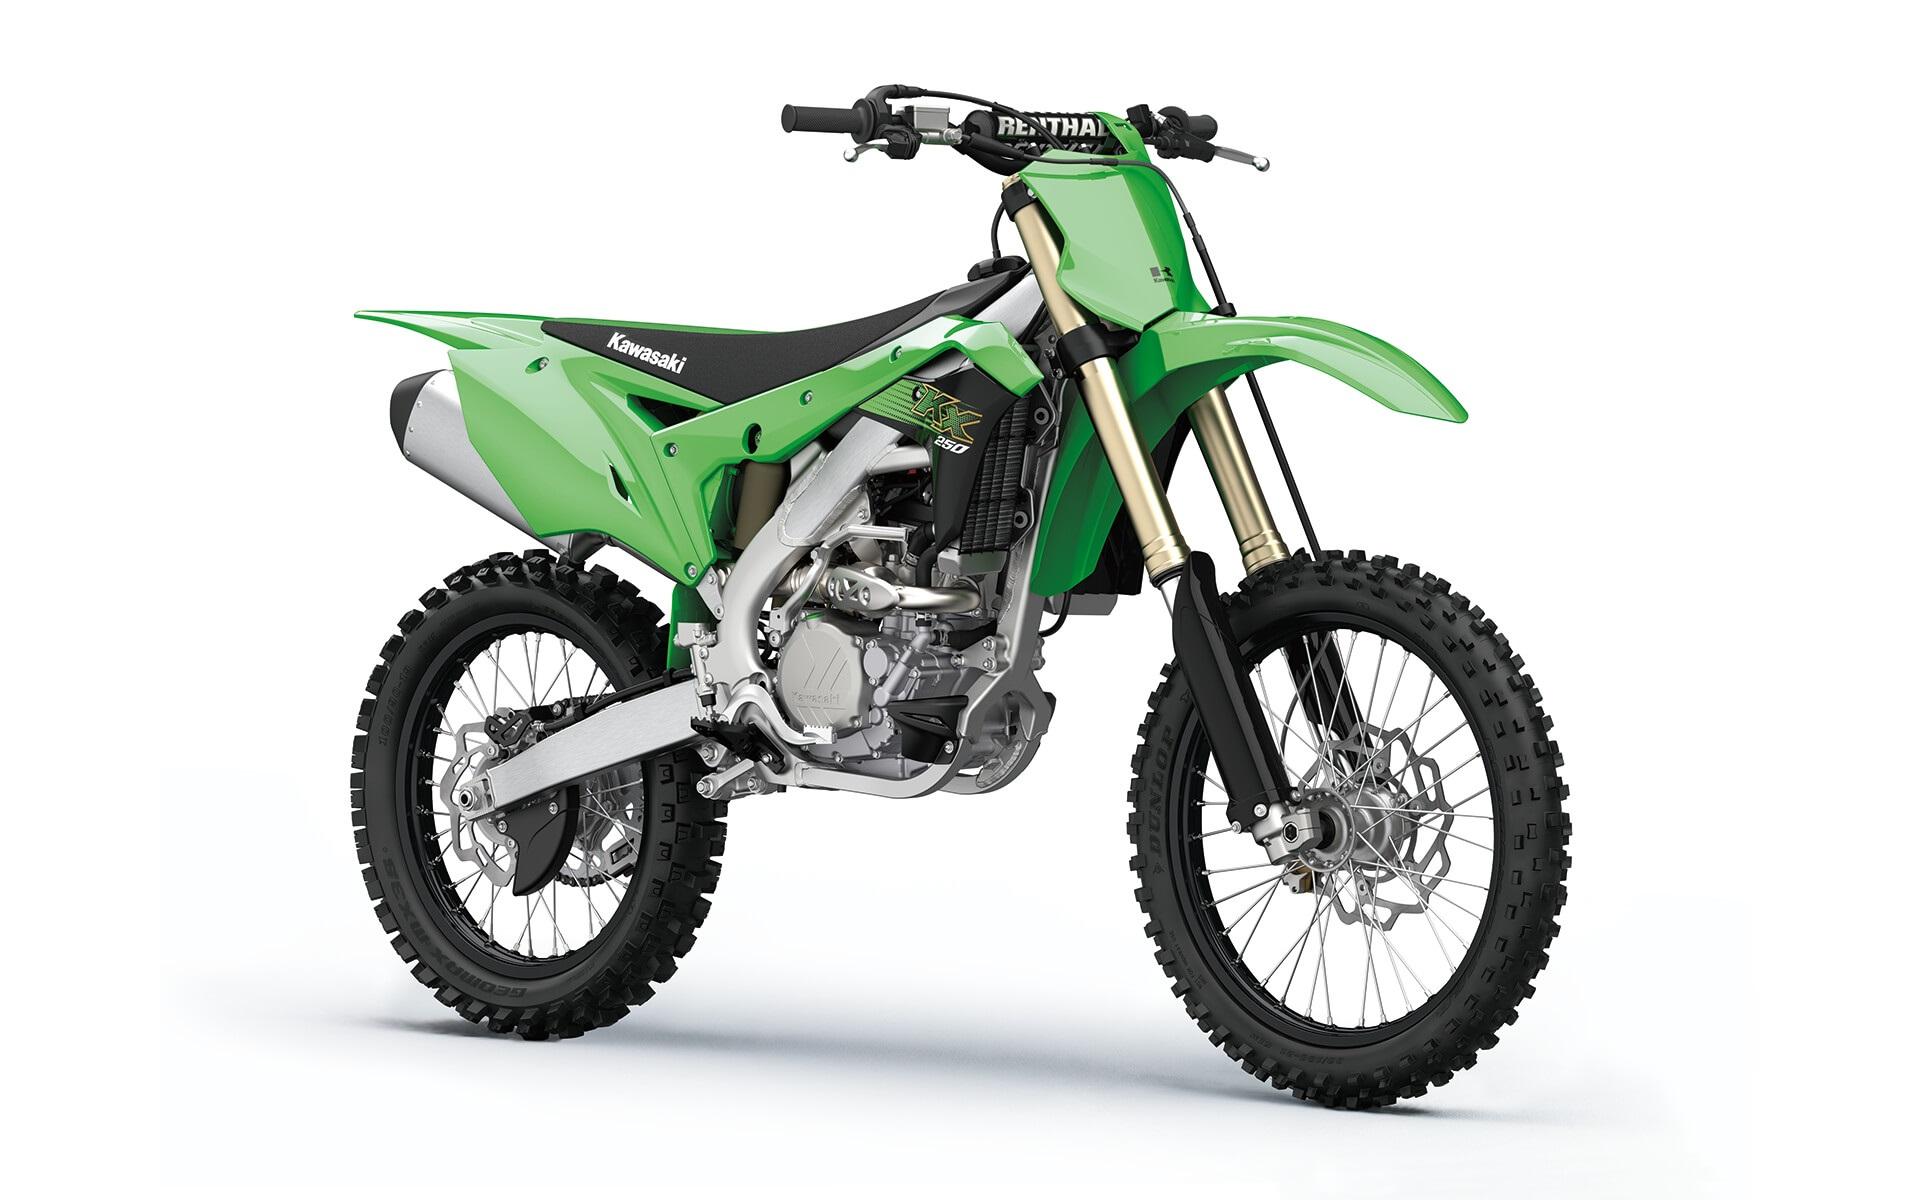 2021 Kawasaki Kx 250 For Sale in Massapequa, NY - Cycle Trader